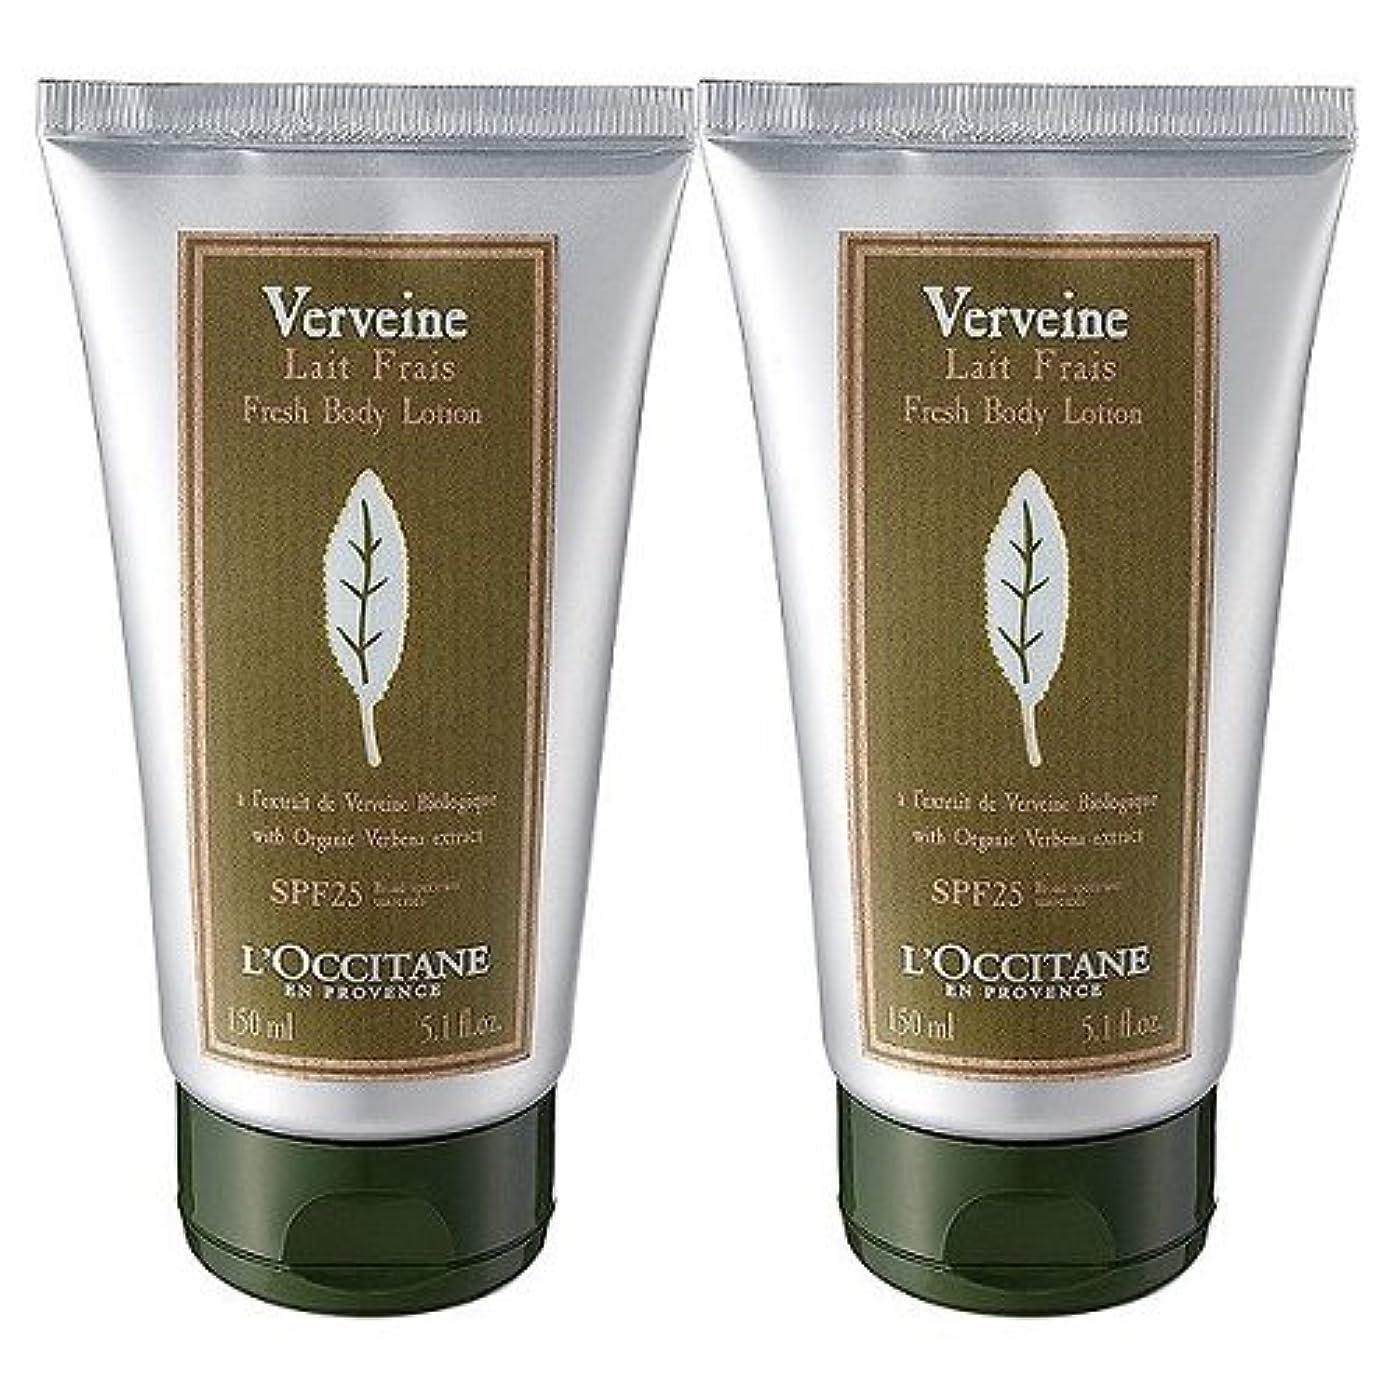 そうデッキヘビロクシタン(L'OCCITANE) ヴァーベナ UVボディローション2本セット